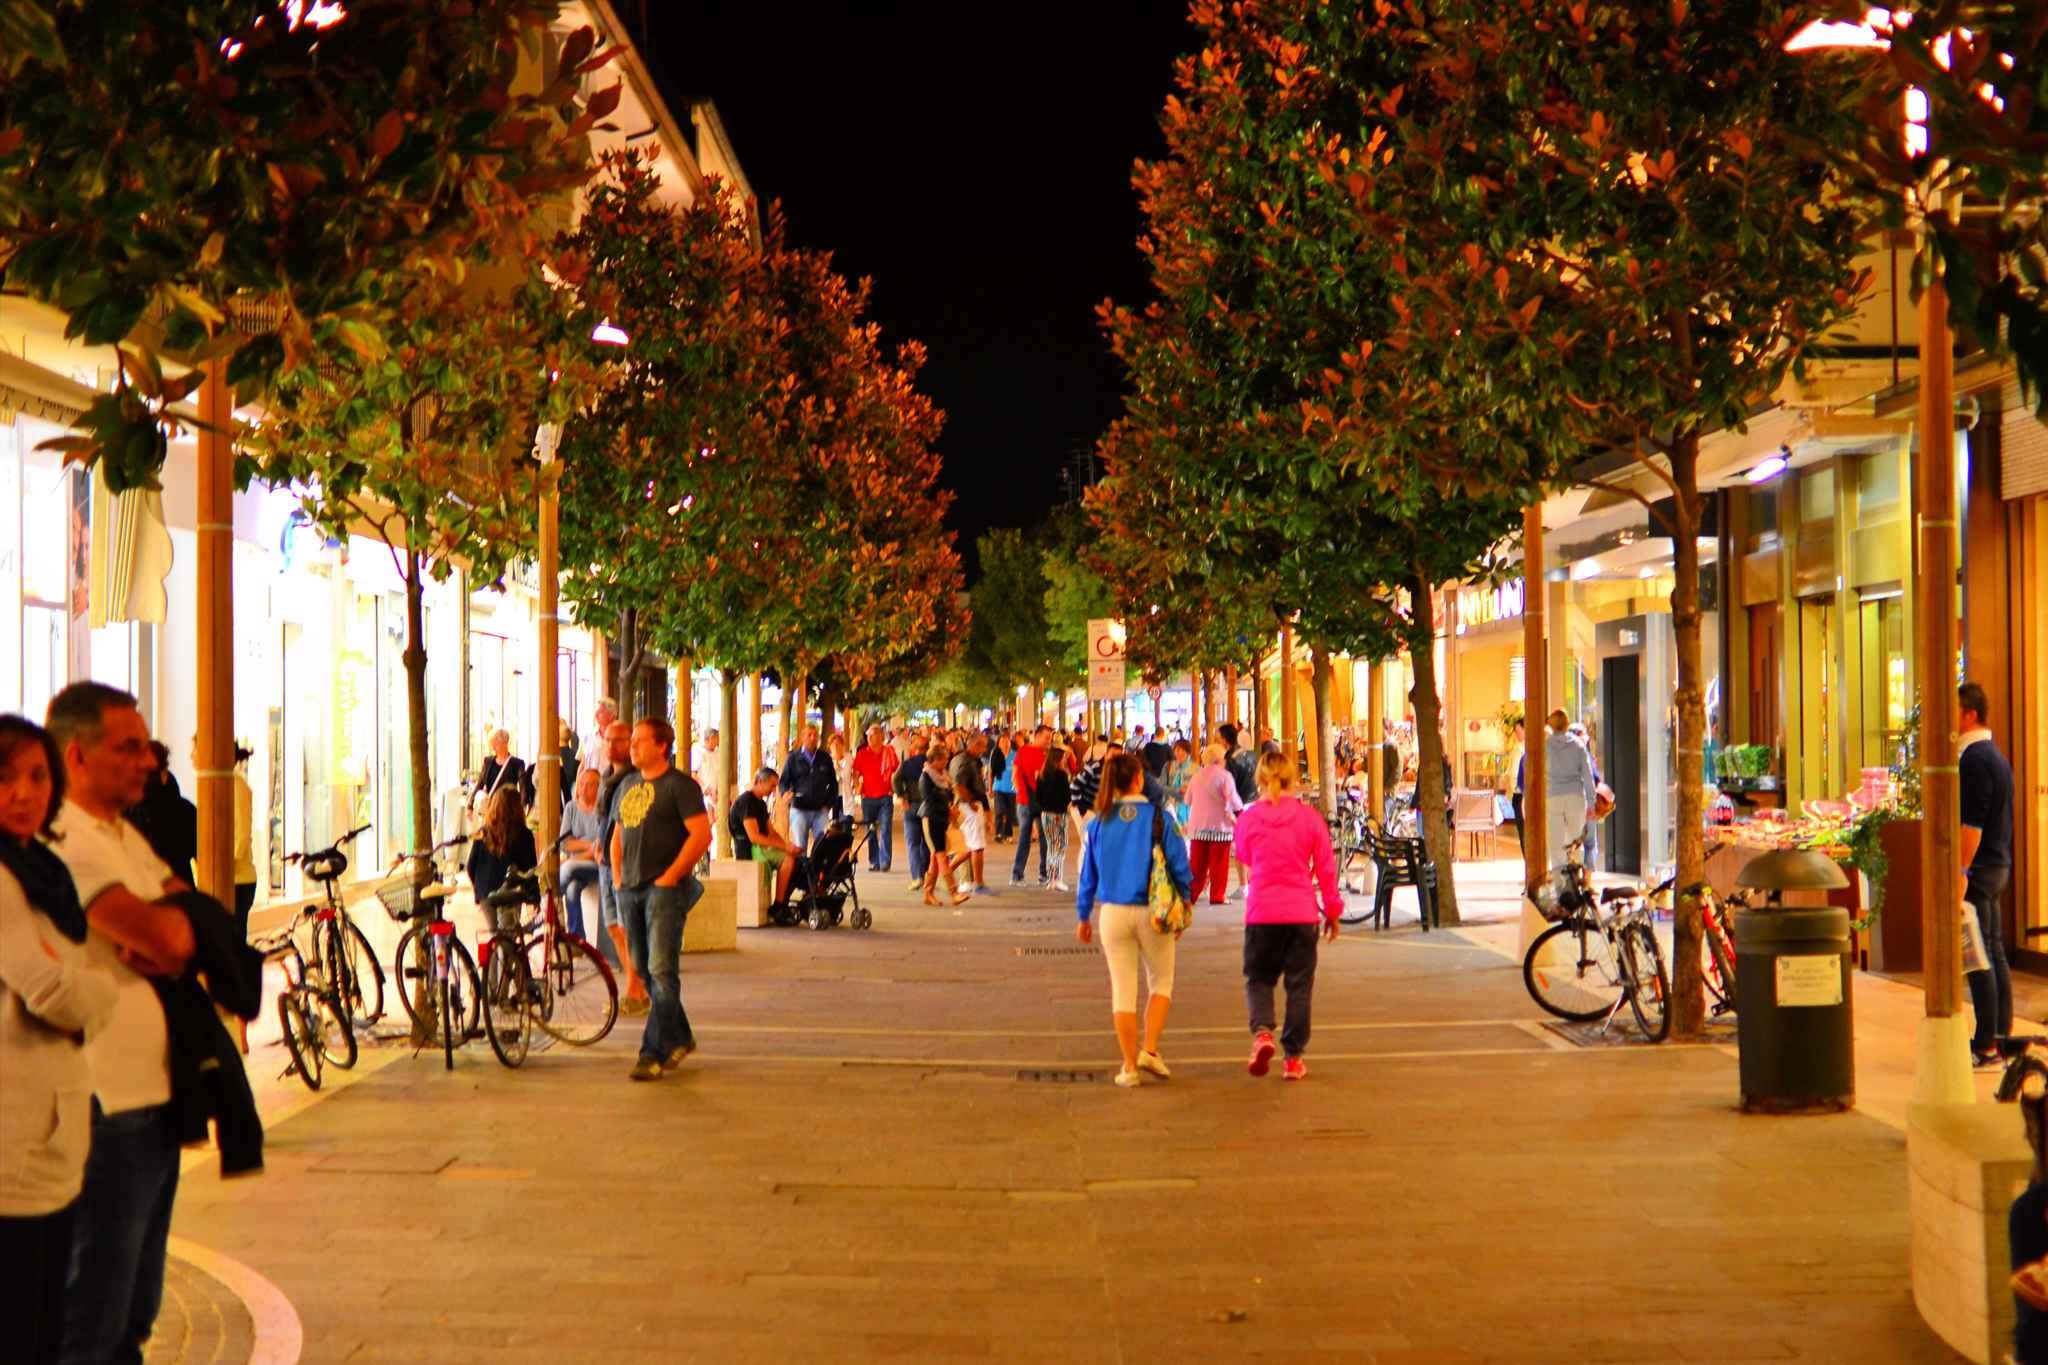 Ferienwohnung am Yachthafen (279390), Lignano Sabbiadoro, Adriaküste (Friaul-Julisch Venetien), Friaul-Julisch Venetien, Italien, Bild 5